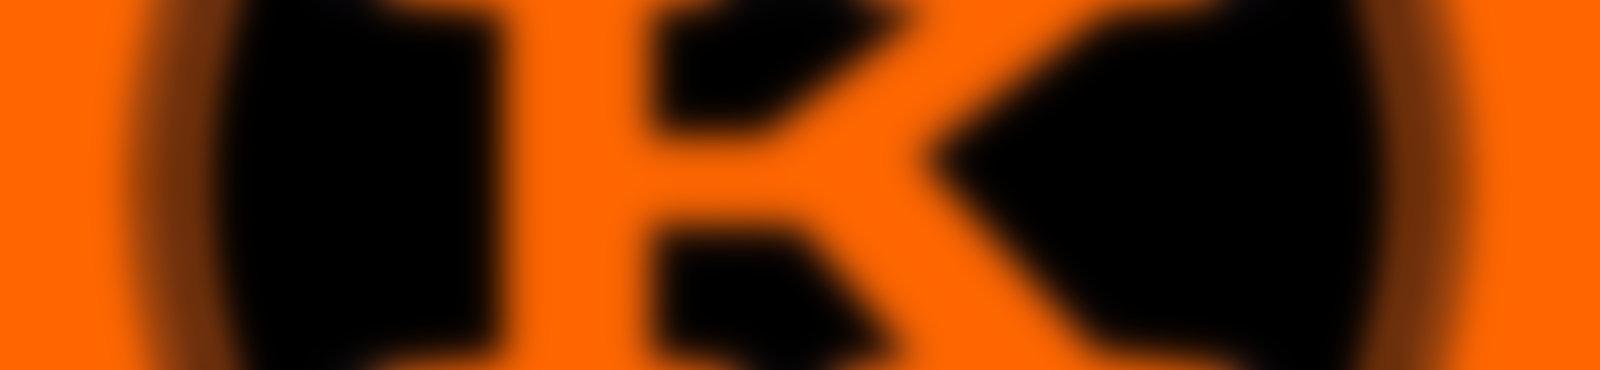 Blurred 31865 119349491440275 1738587 n